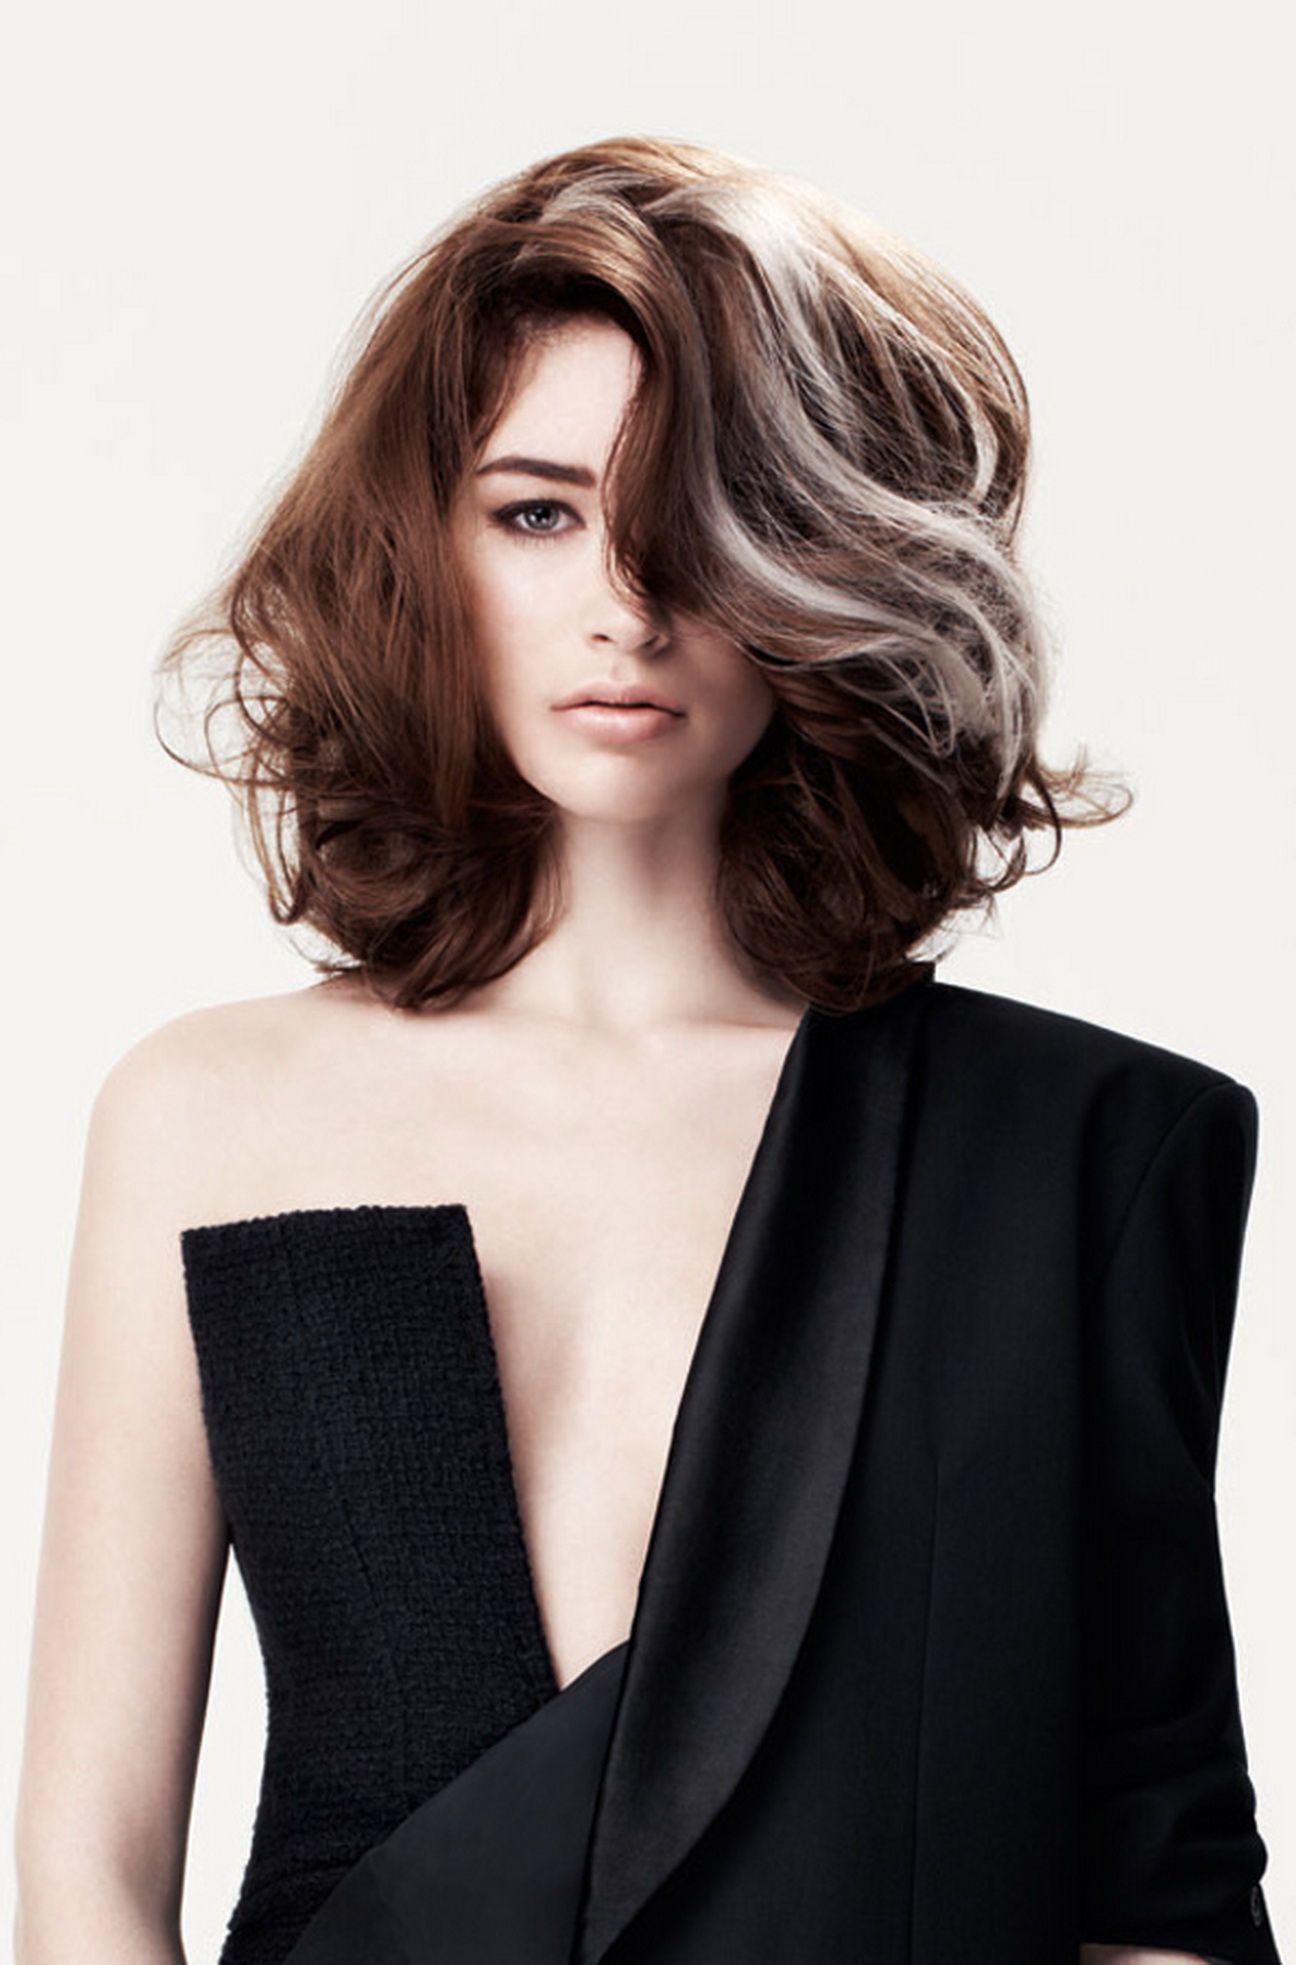 Interesting haircolor technique  women actually adding